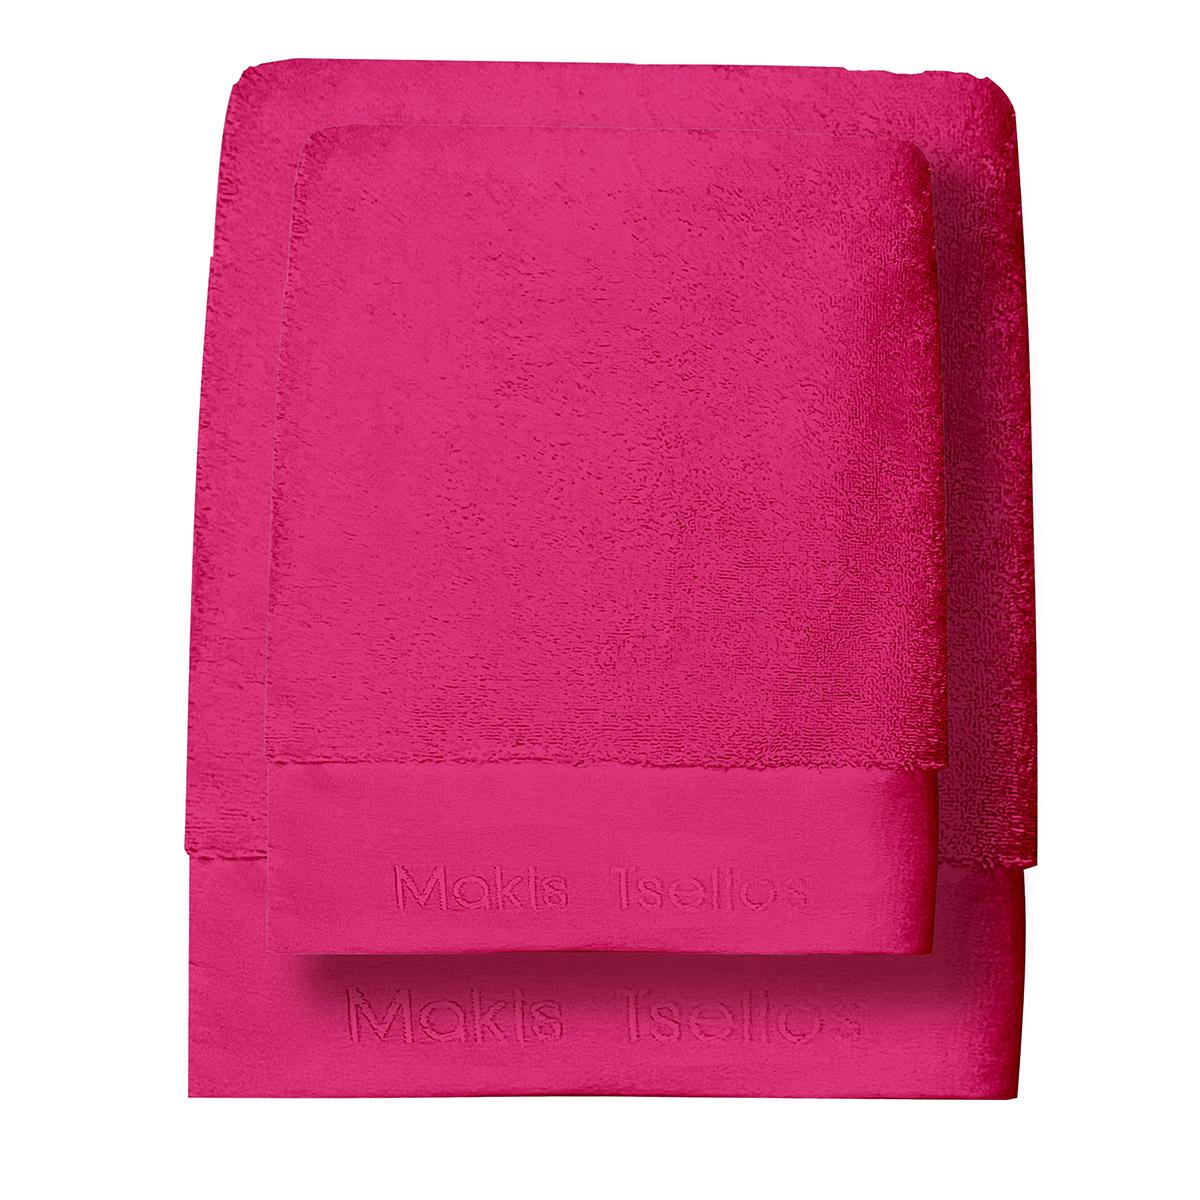 Πετσέτες Μπάνιου (Σετ 3τμχ) Makis Tselios Feel 6 Camelia Rose